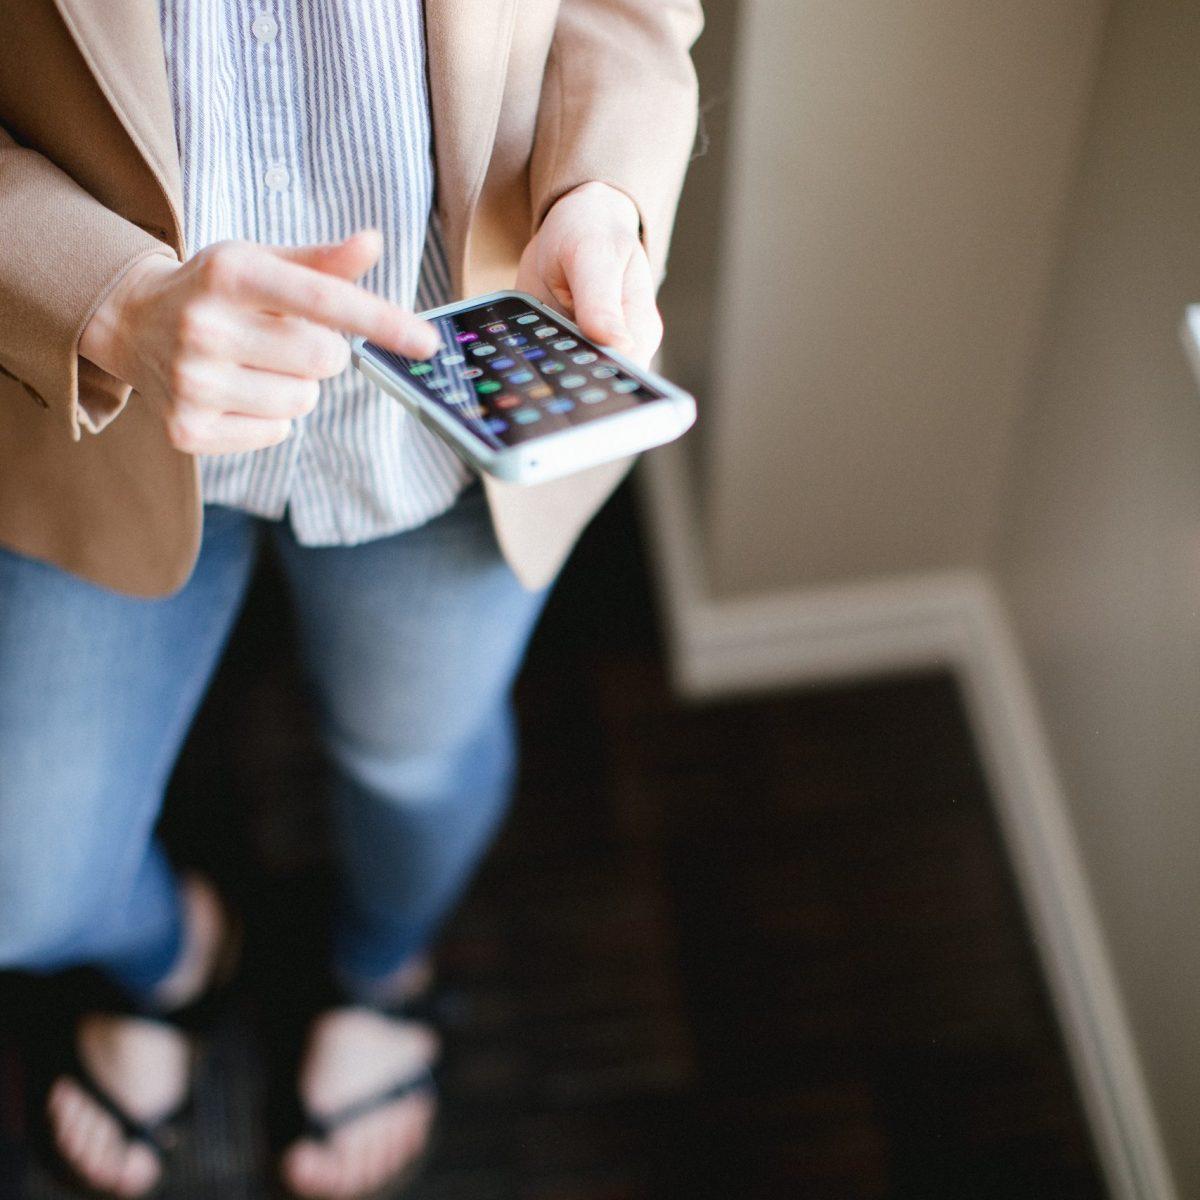 comydo_commerce_smartphone